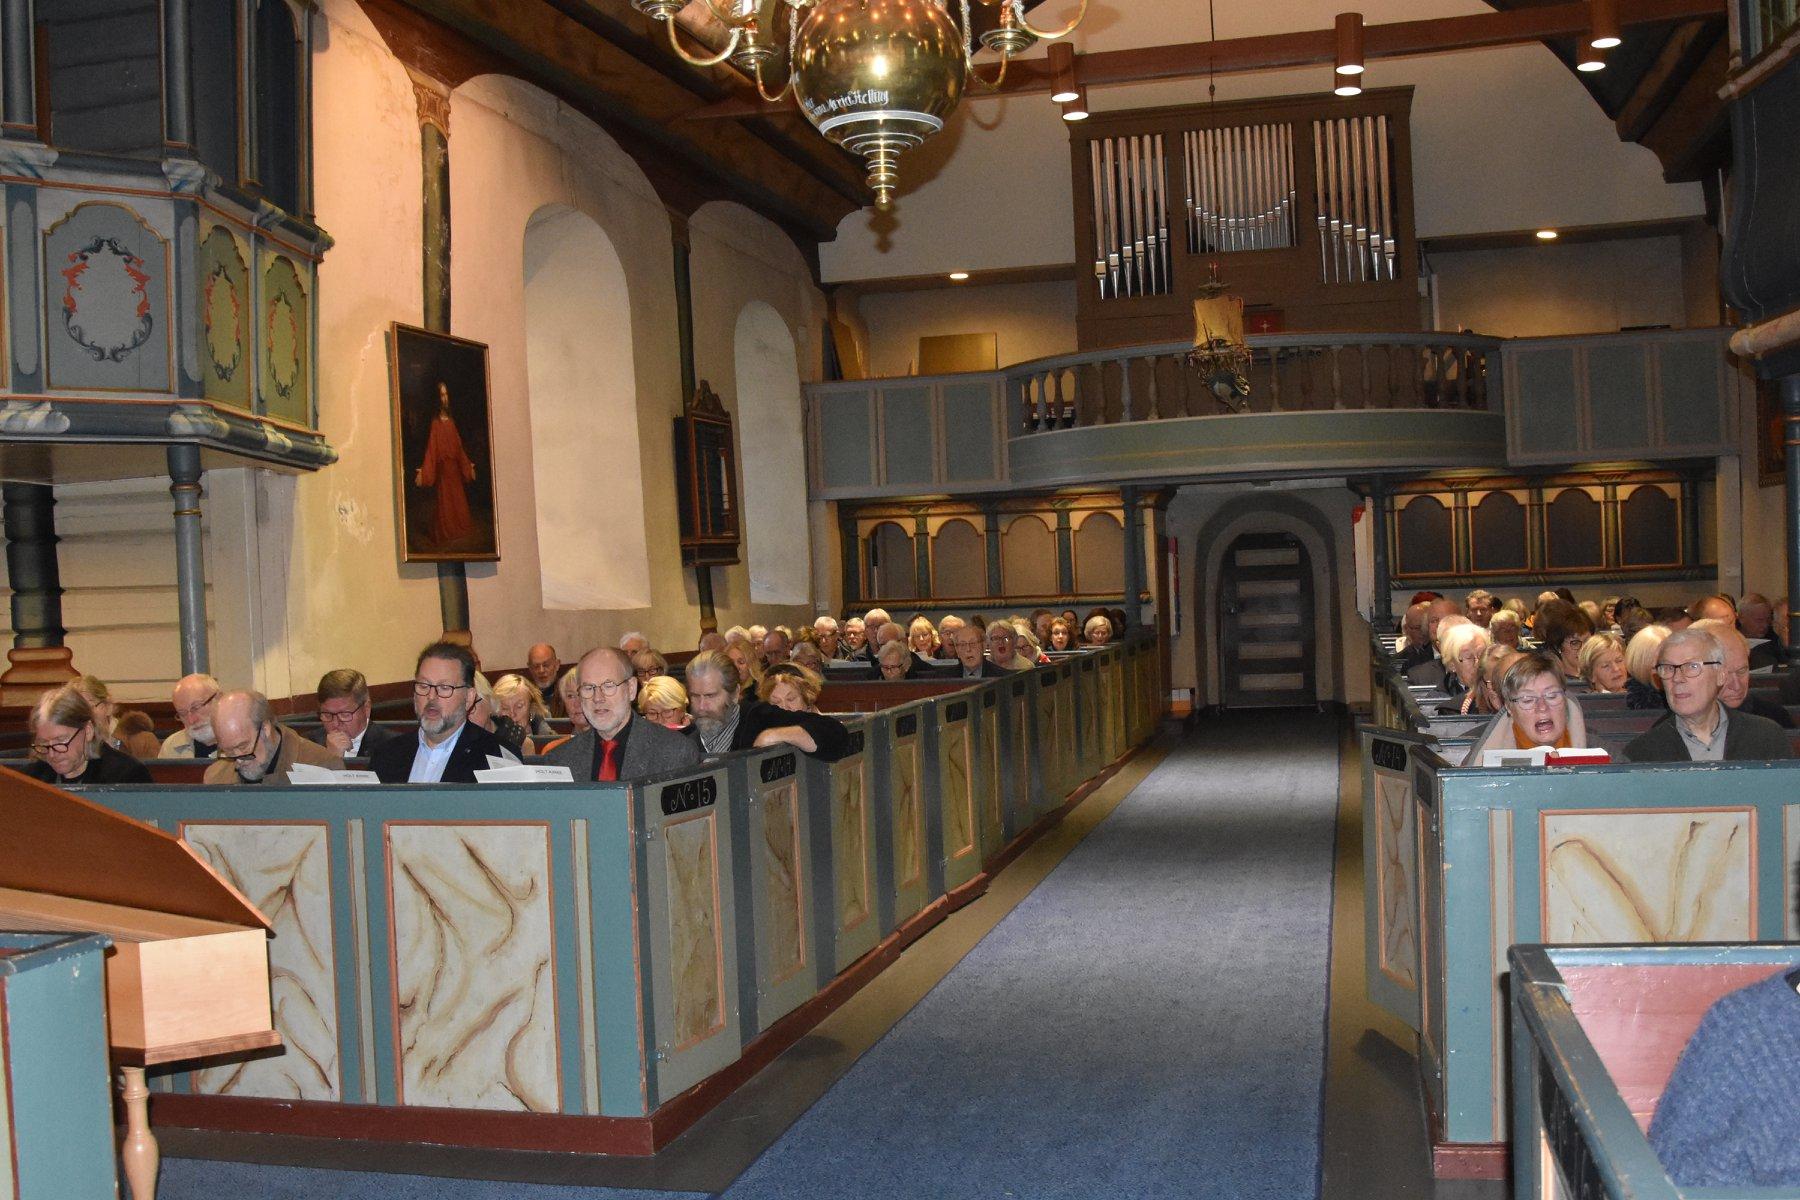 Fra jubileumsfeiringen i Holt kirke søndag 24. november 2019. Foto: Jan Kløvstad